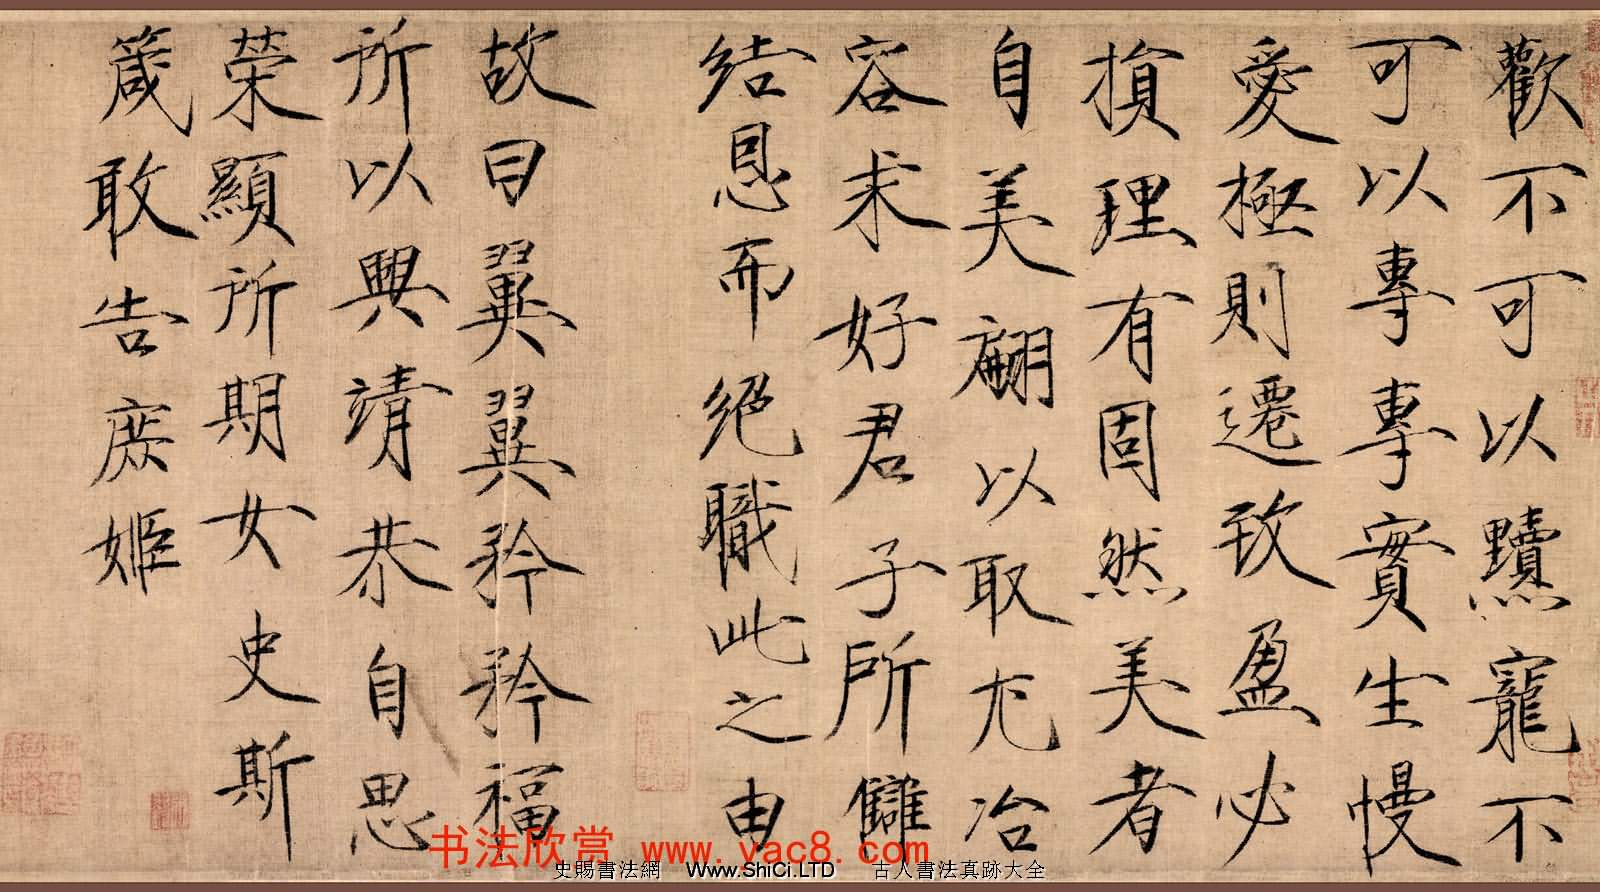 宋徽宗趙佶瘦金書《女史箴詞句》(共7張圖片)